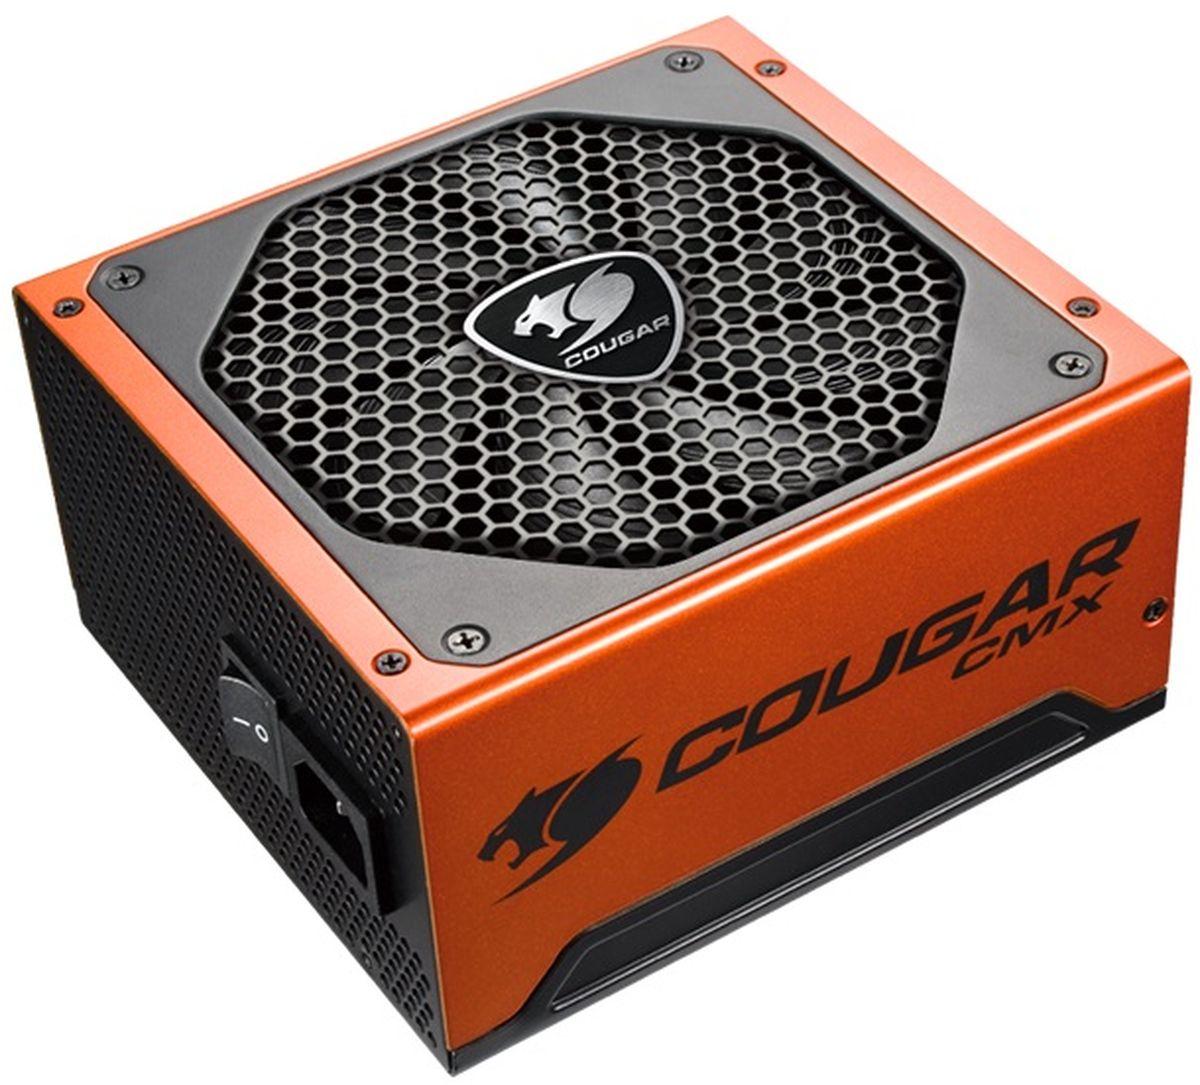 Cougar CMX 550 блок питания для компьютера